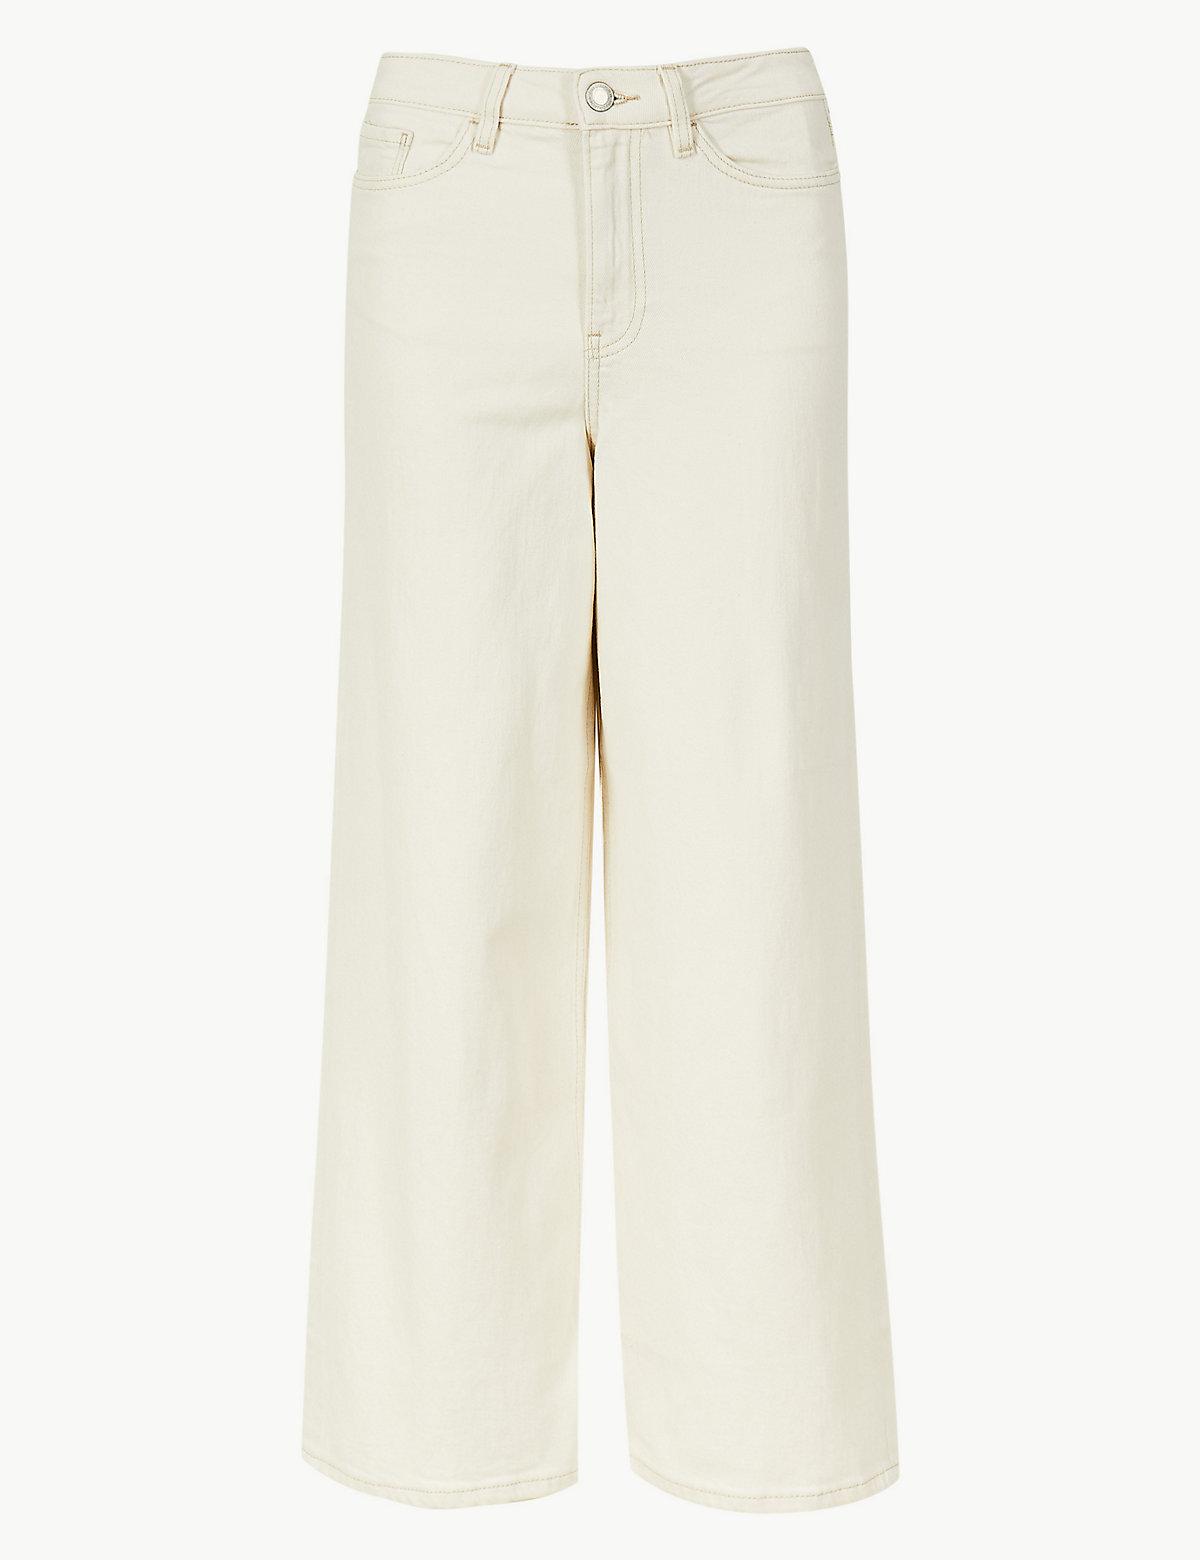 Женские джинсы укороченные с высокой талией